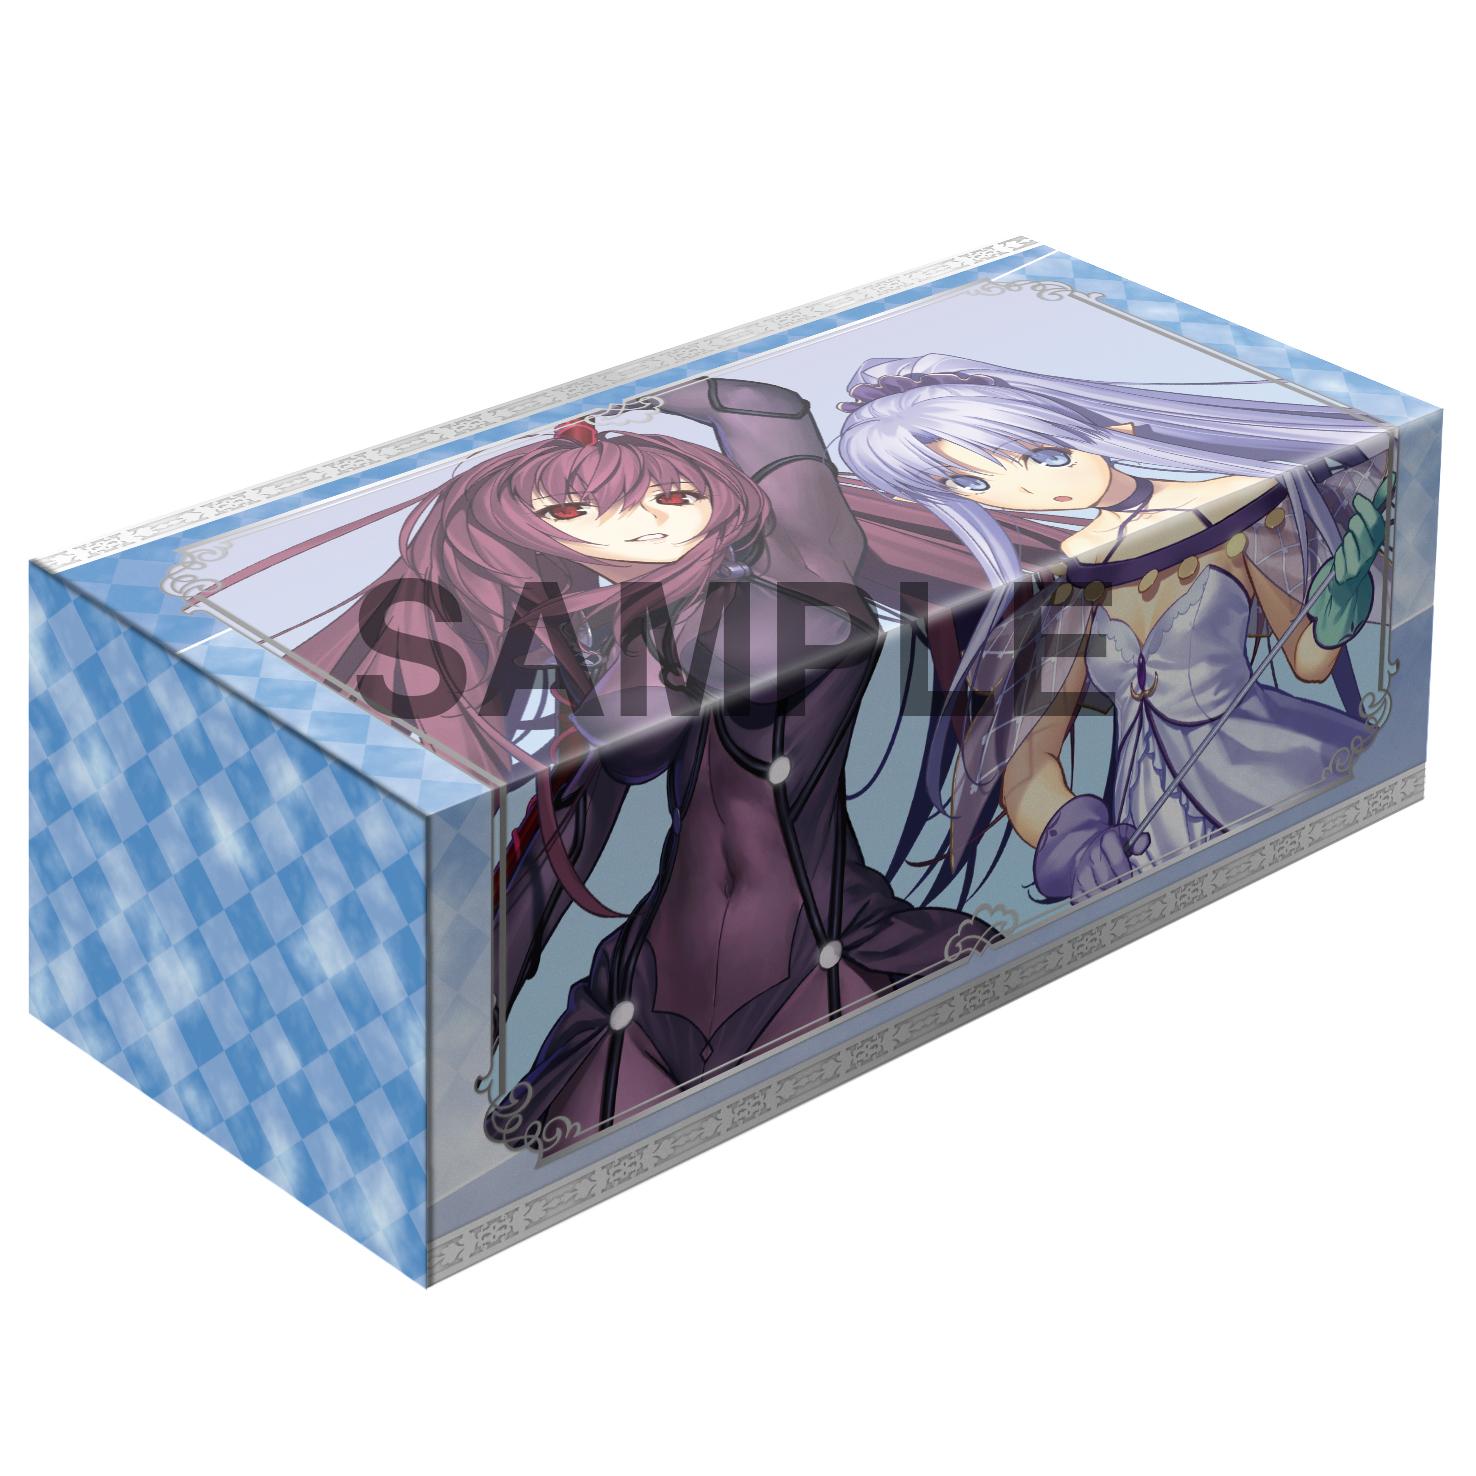 コンプティークカバーコレクション カードボックス 「Fate/Grand Order」 734円